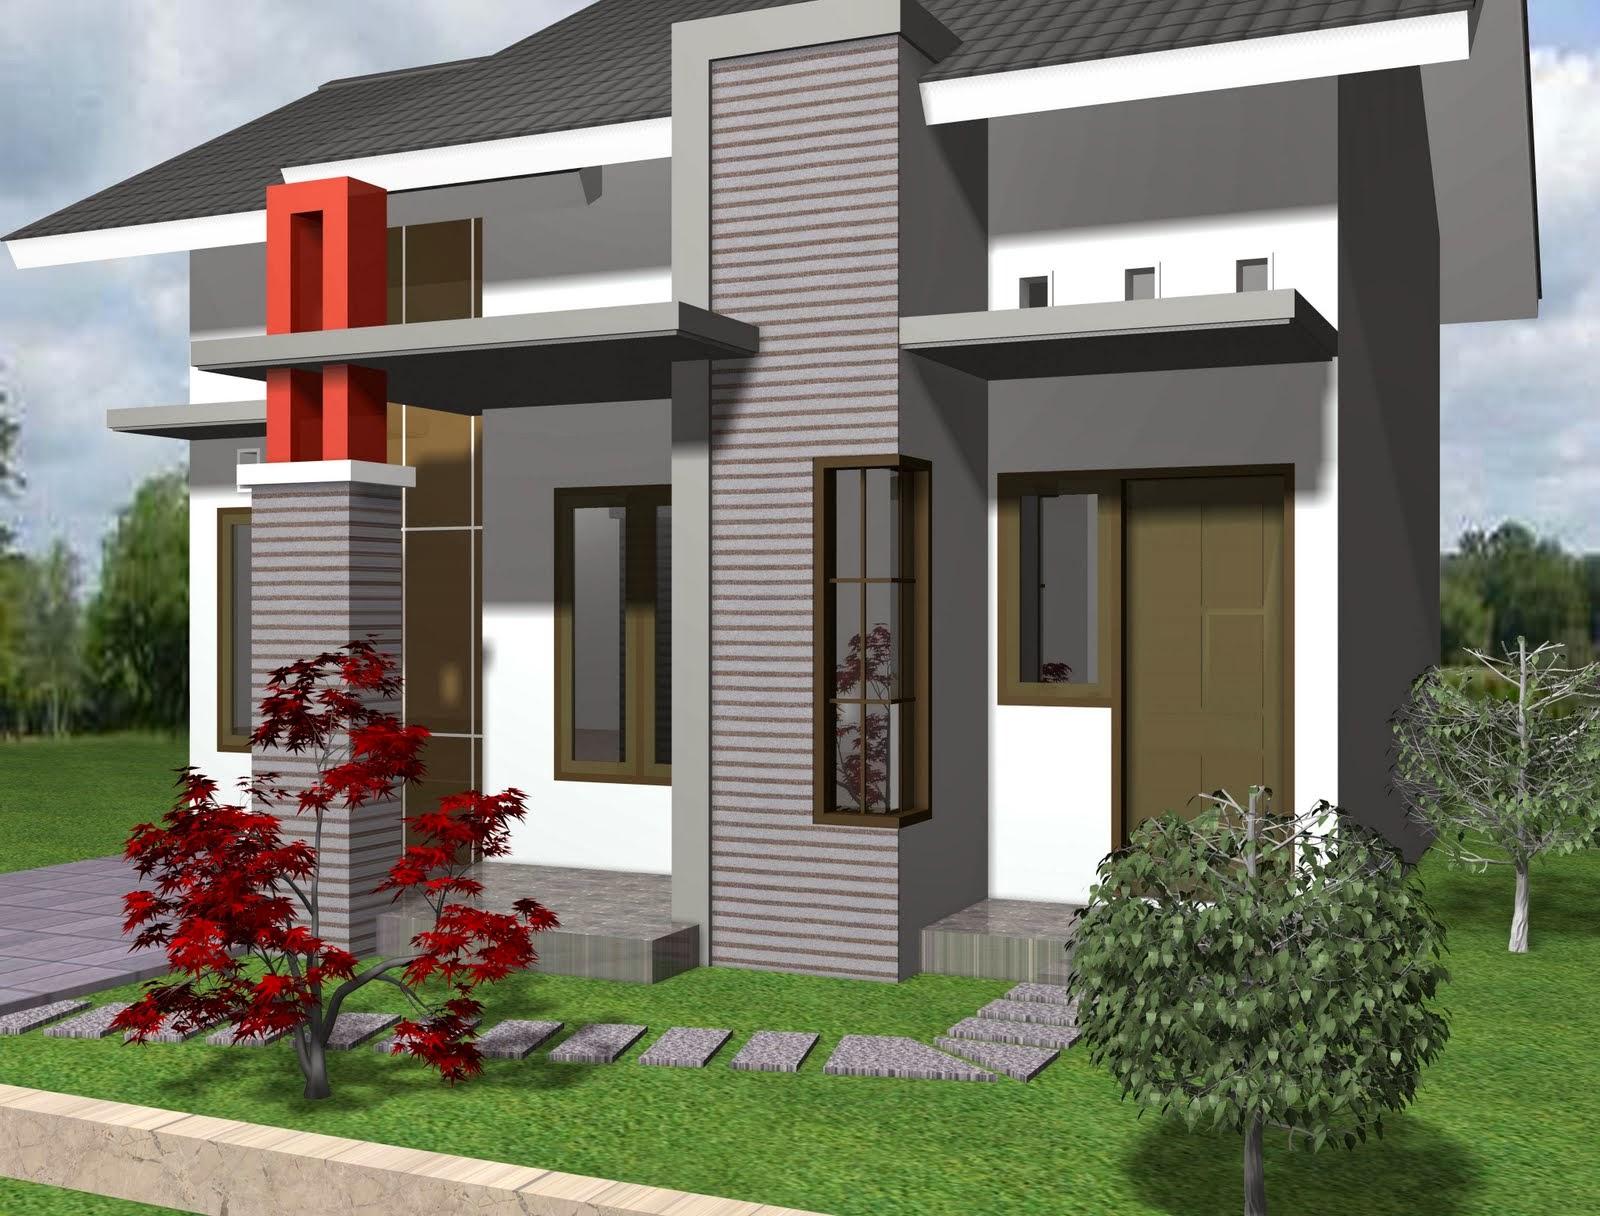 Terbaru Desain Rumah Minimalis Type 21 Thn 2014 PT BM Tehnika